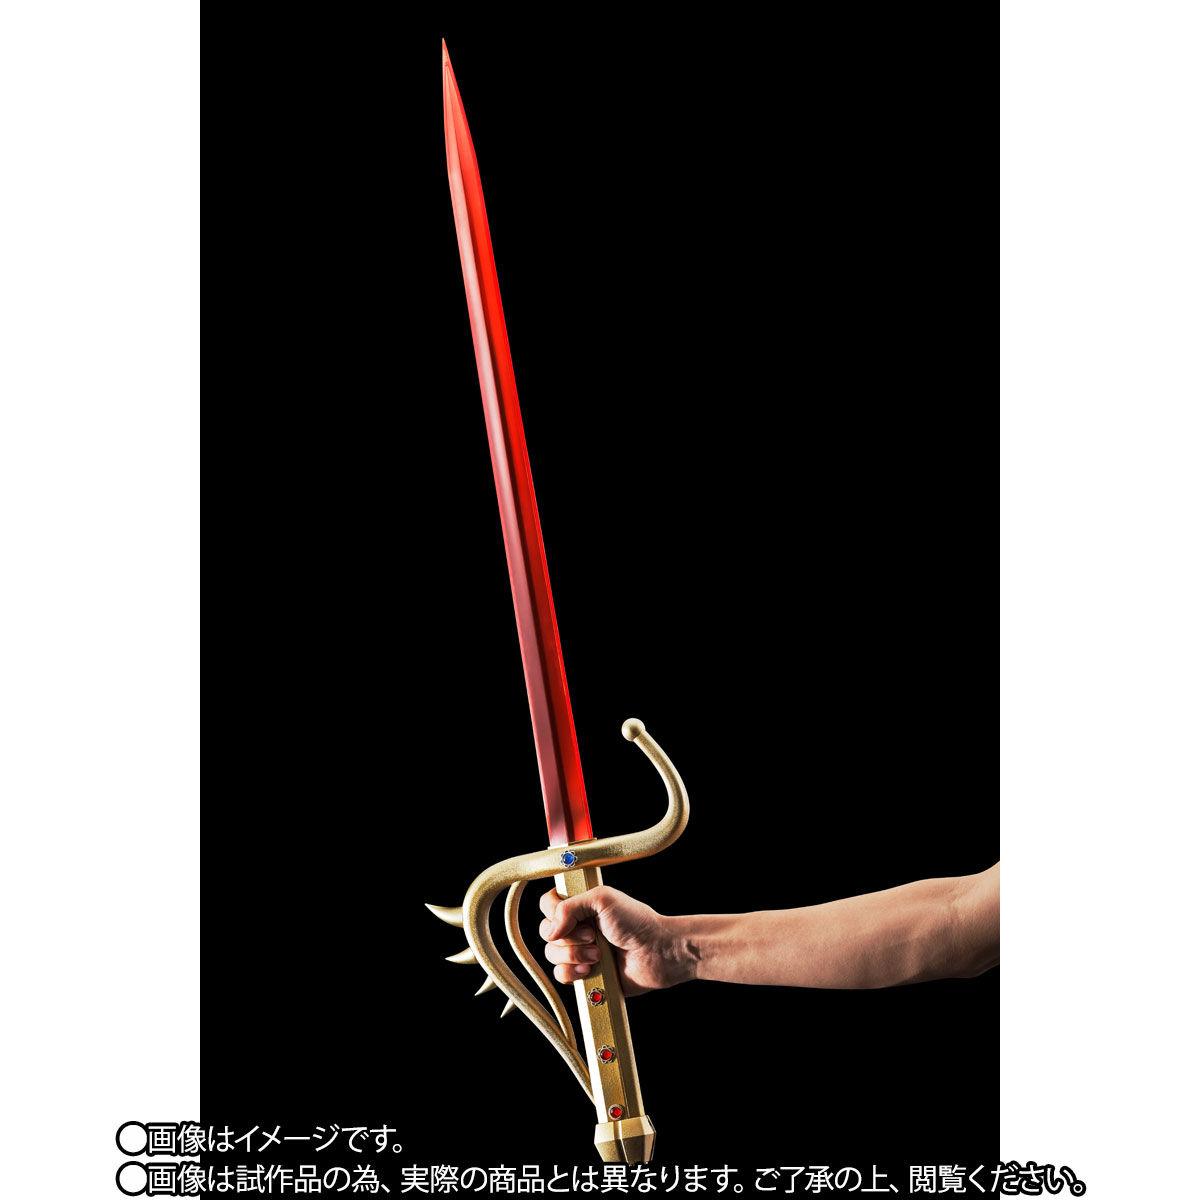 【限定販売】仮面ライダーBLACK『TAMASHII Lab サタンサーベル』シャドームーン 変身なりきり-006